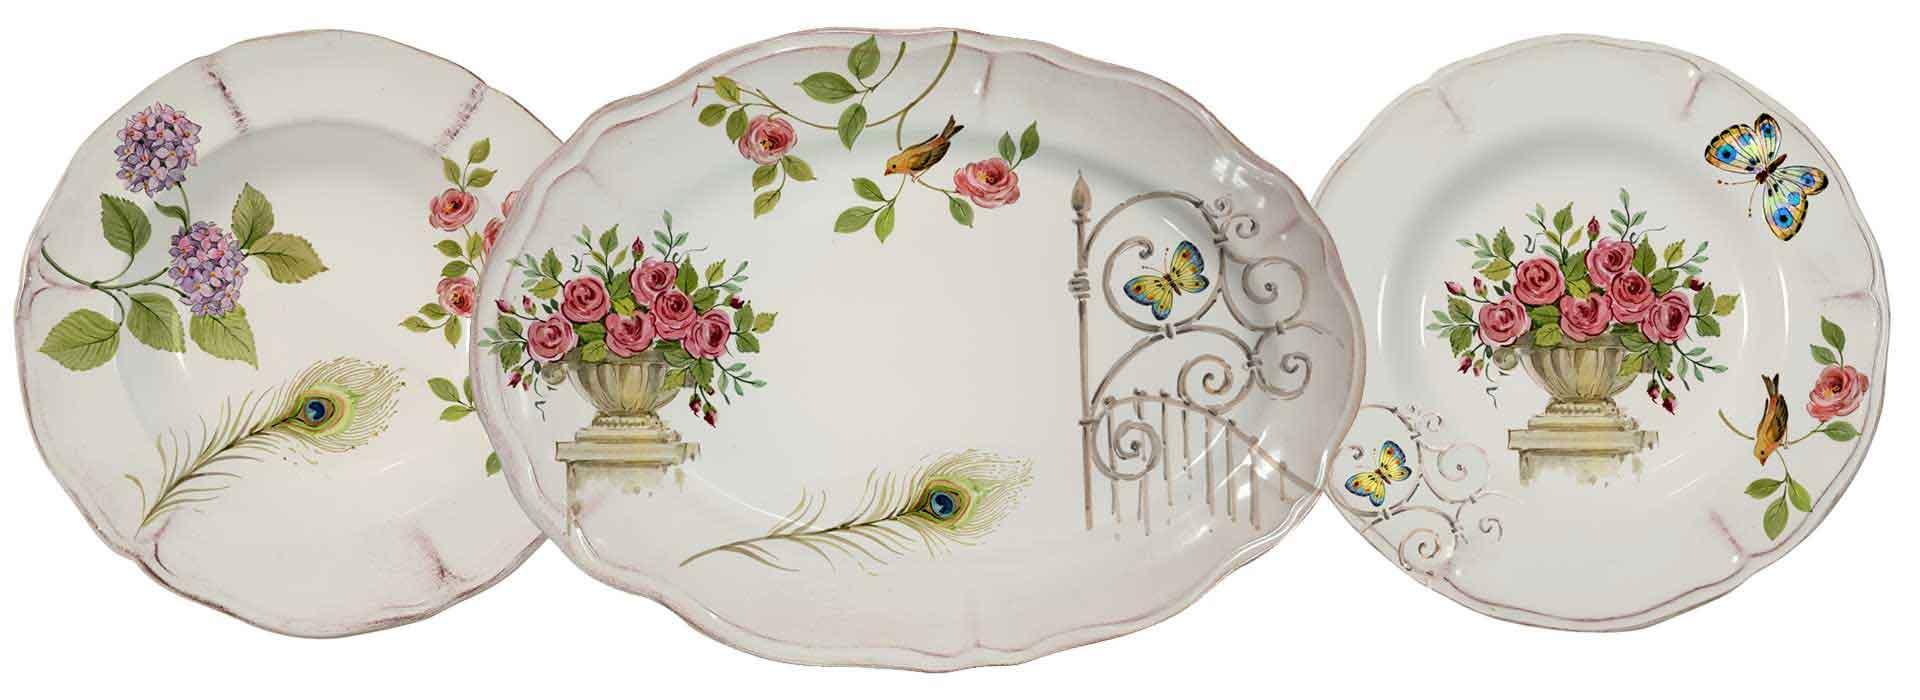 Selezione piatti in ceramica artigianale decoro giardino segreto